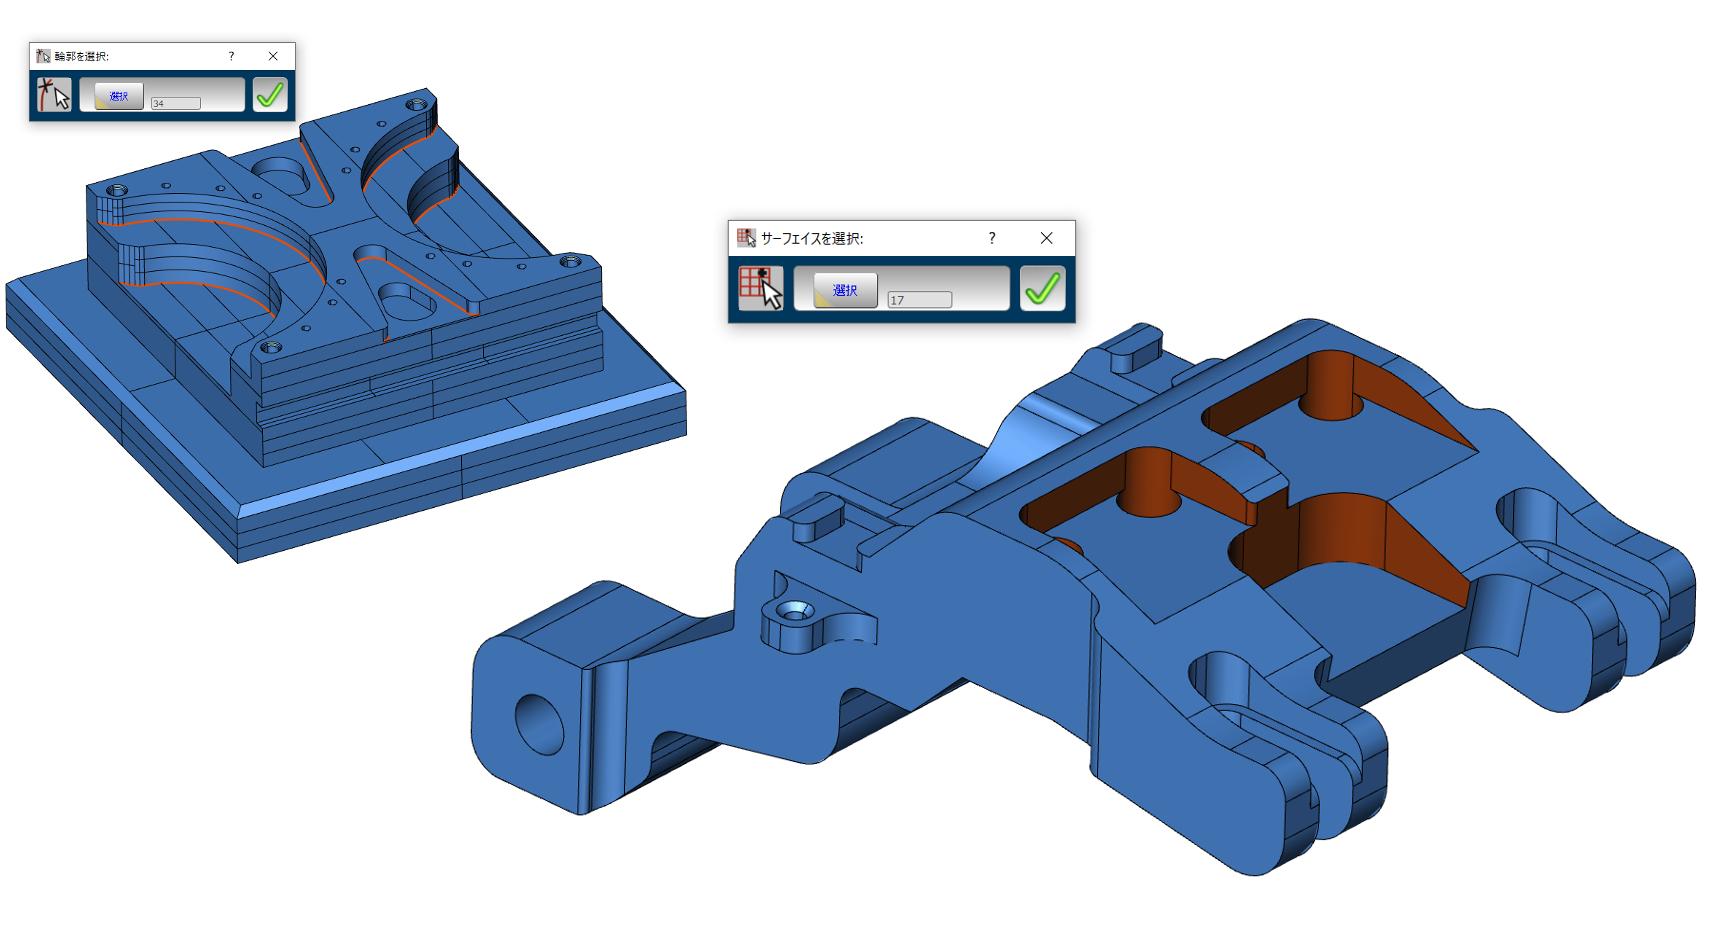 3Dモデルを活用したシンプル操作